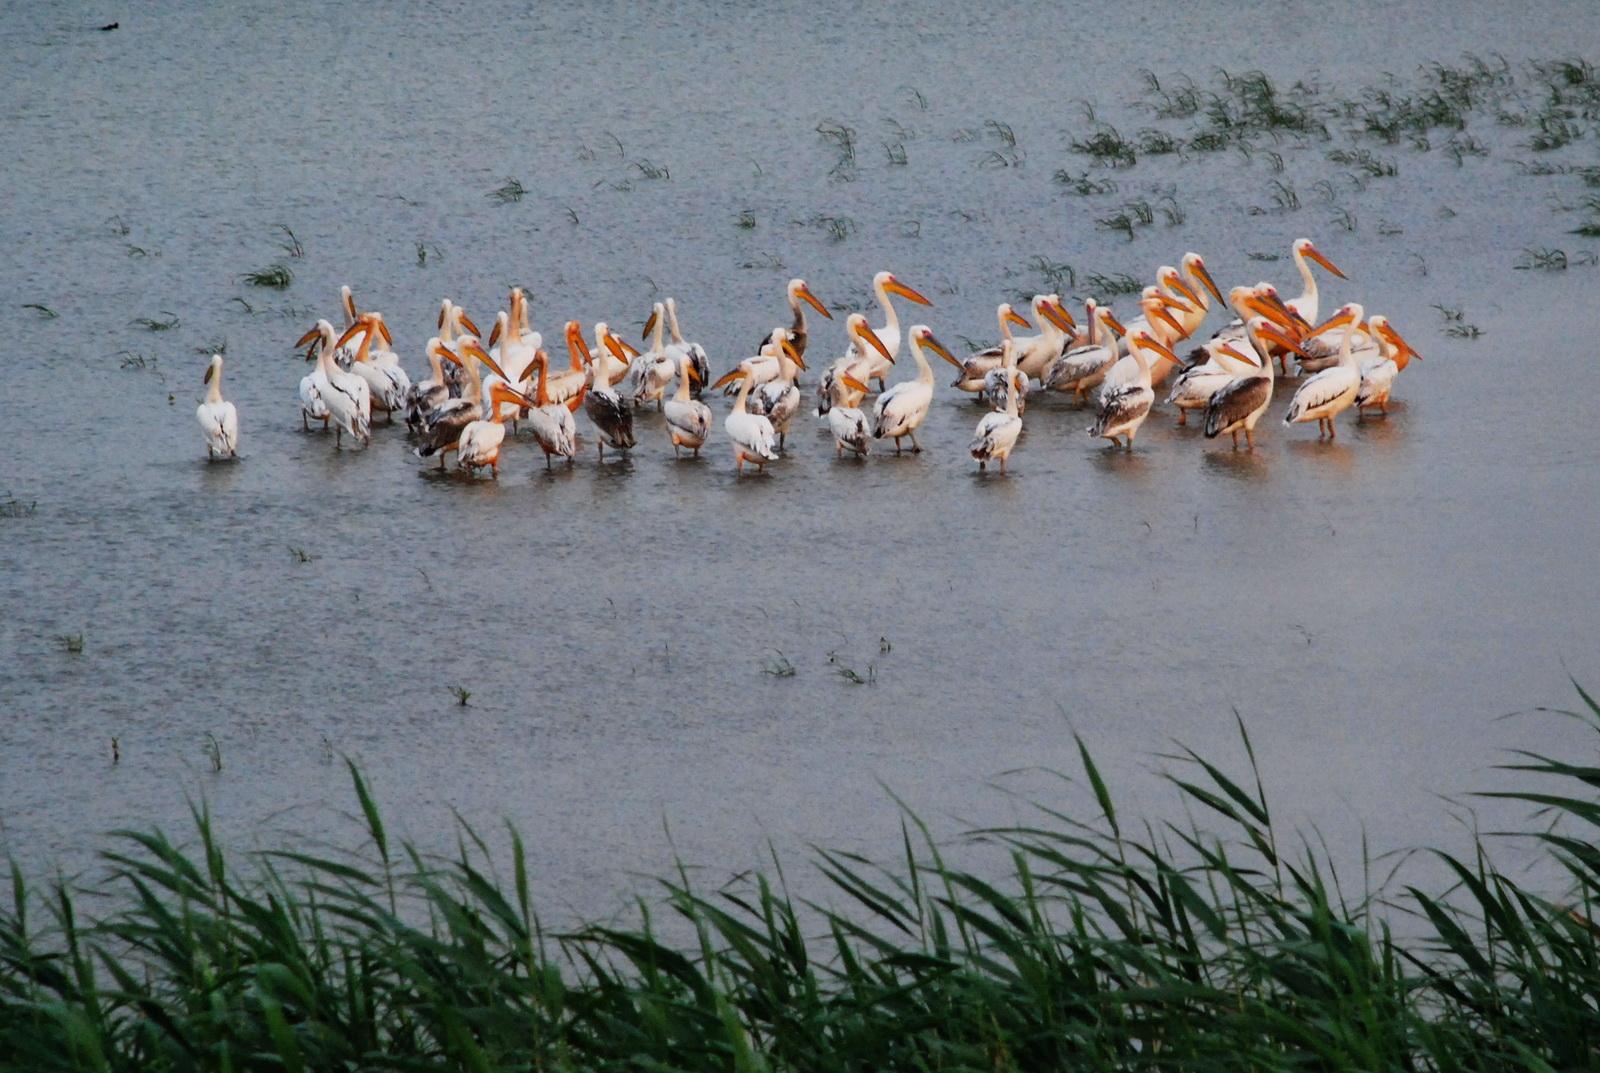 להקת שקנאים נערכת ללינה המקווה מים